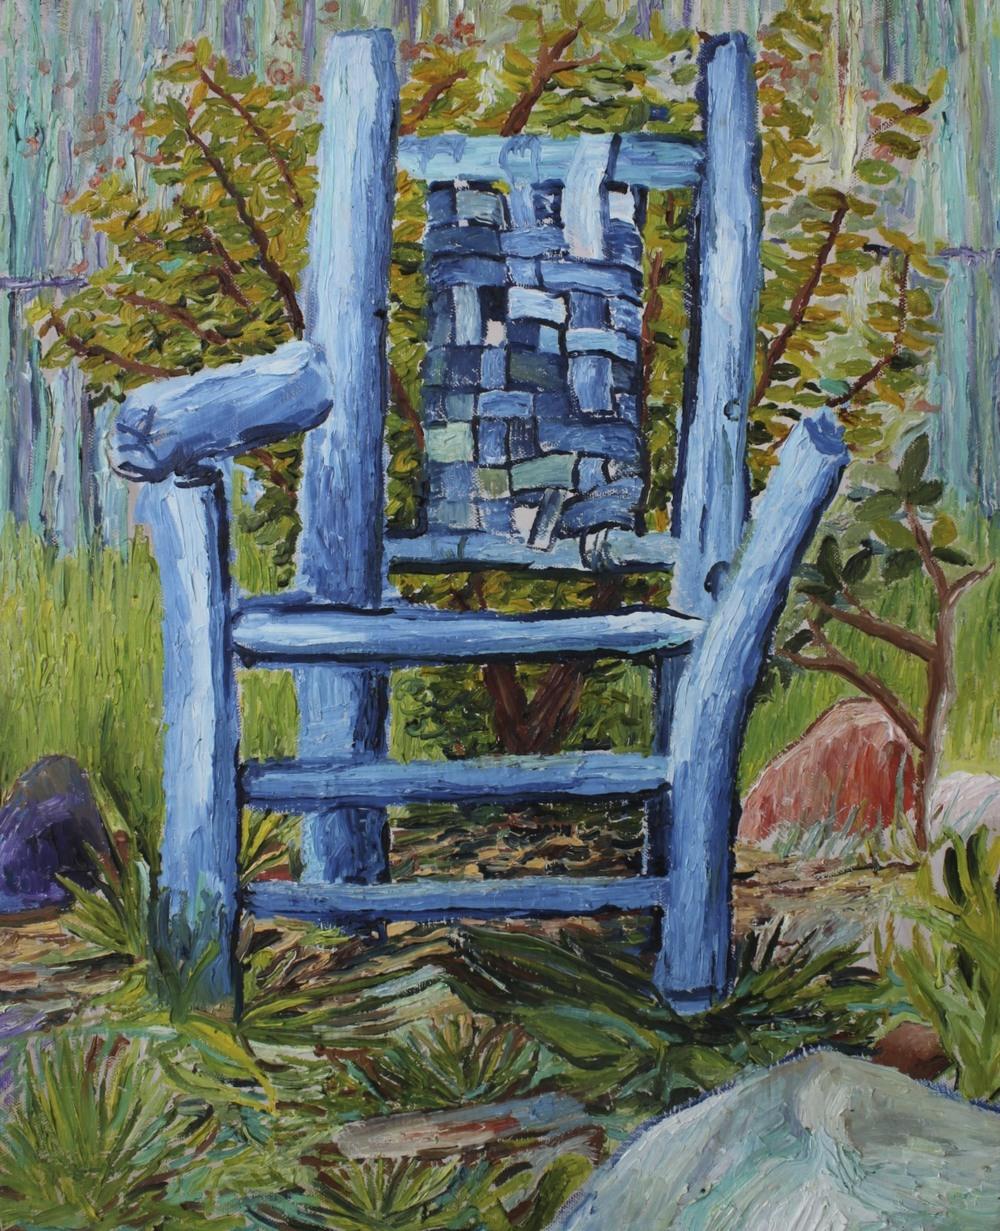 Blue Chair.